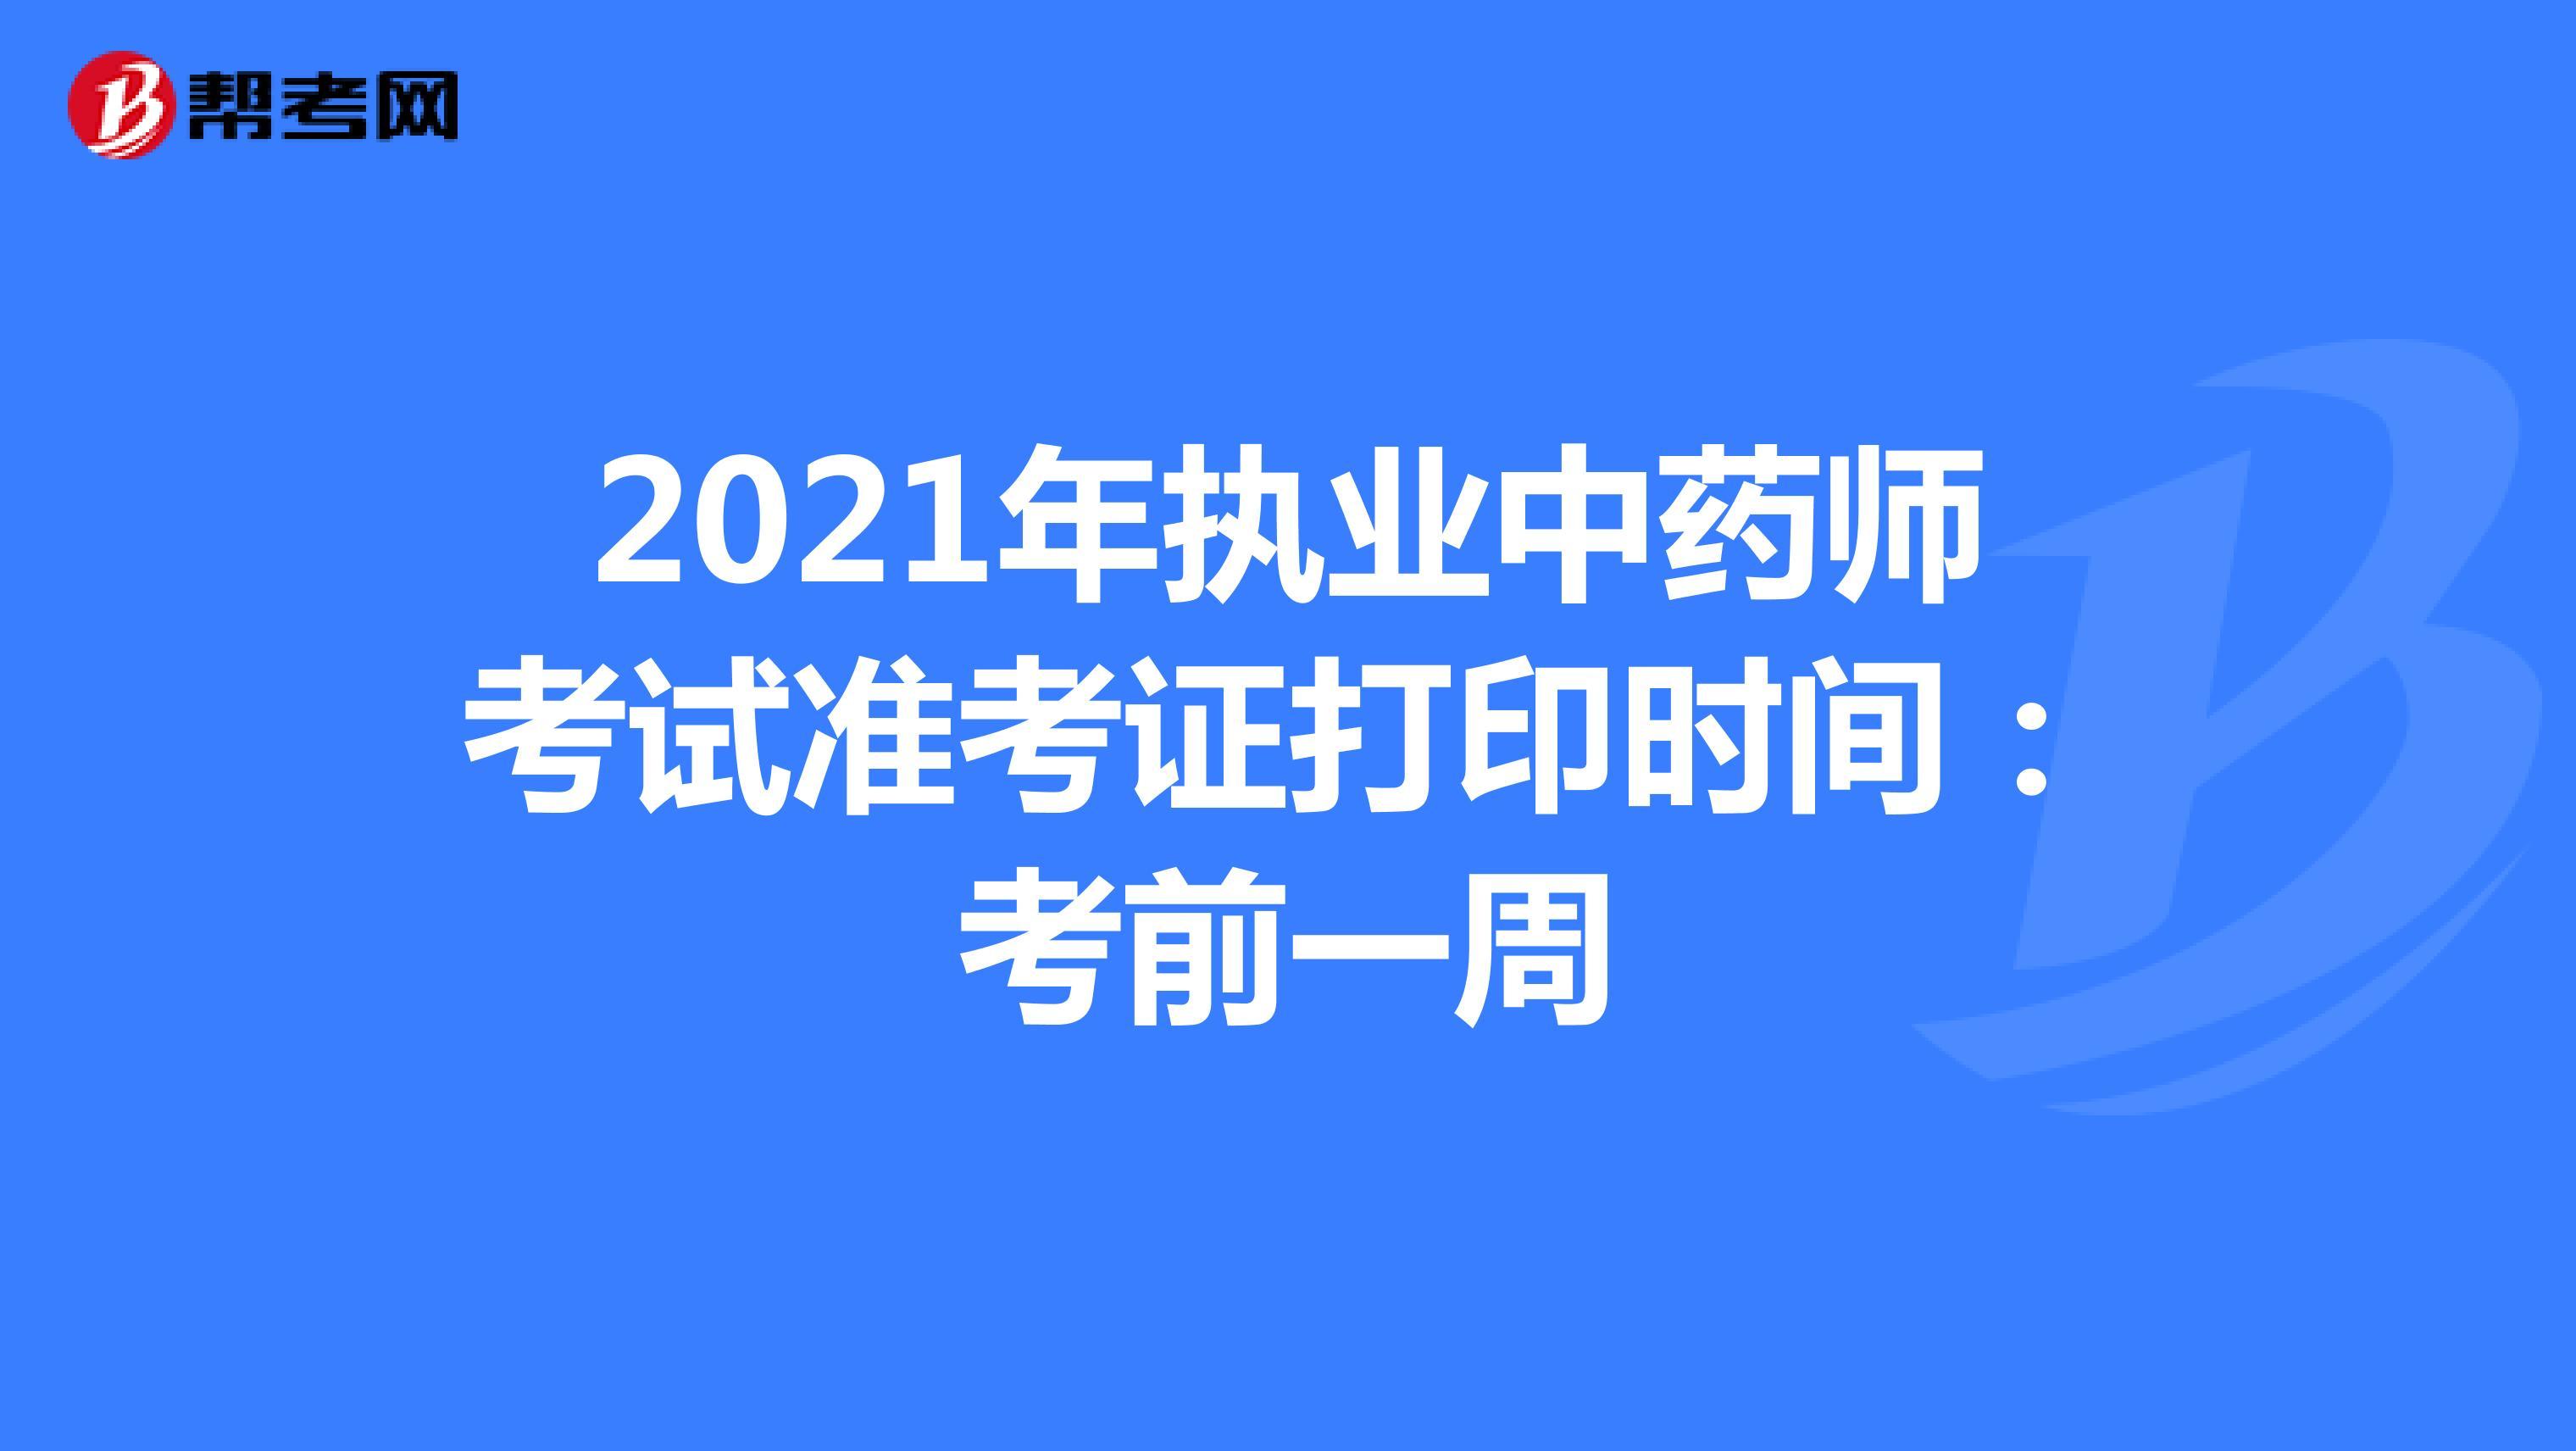 2021年执业中药师考试准考证打印时间:考前一周